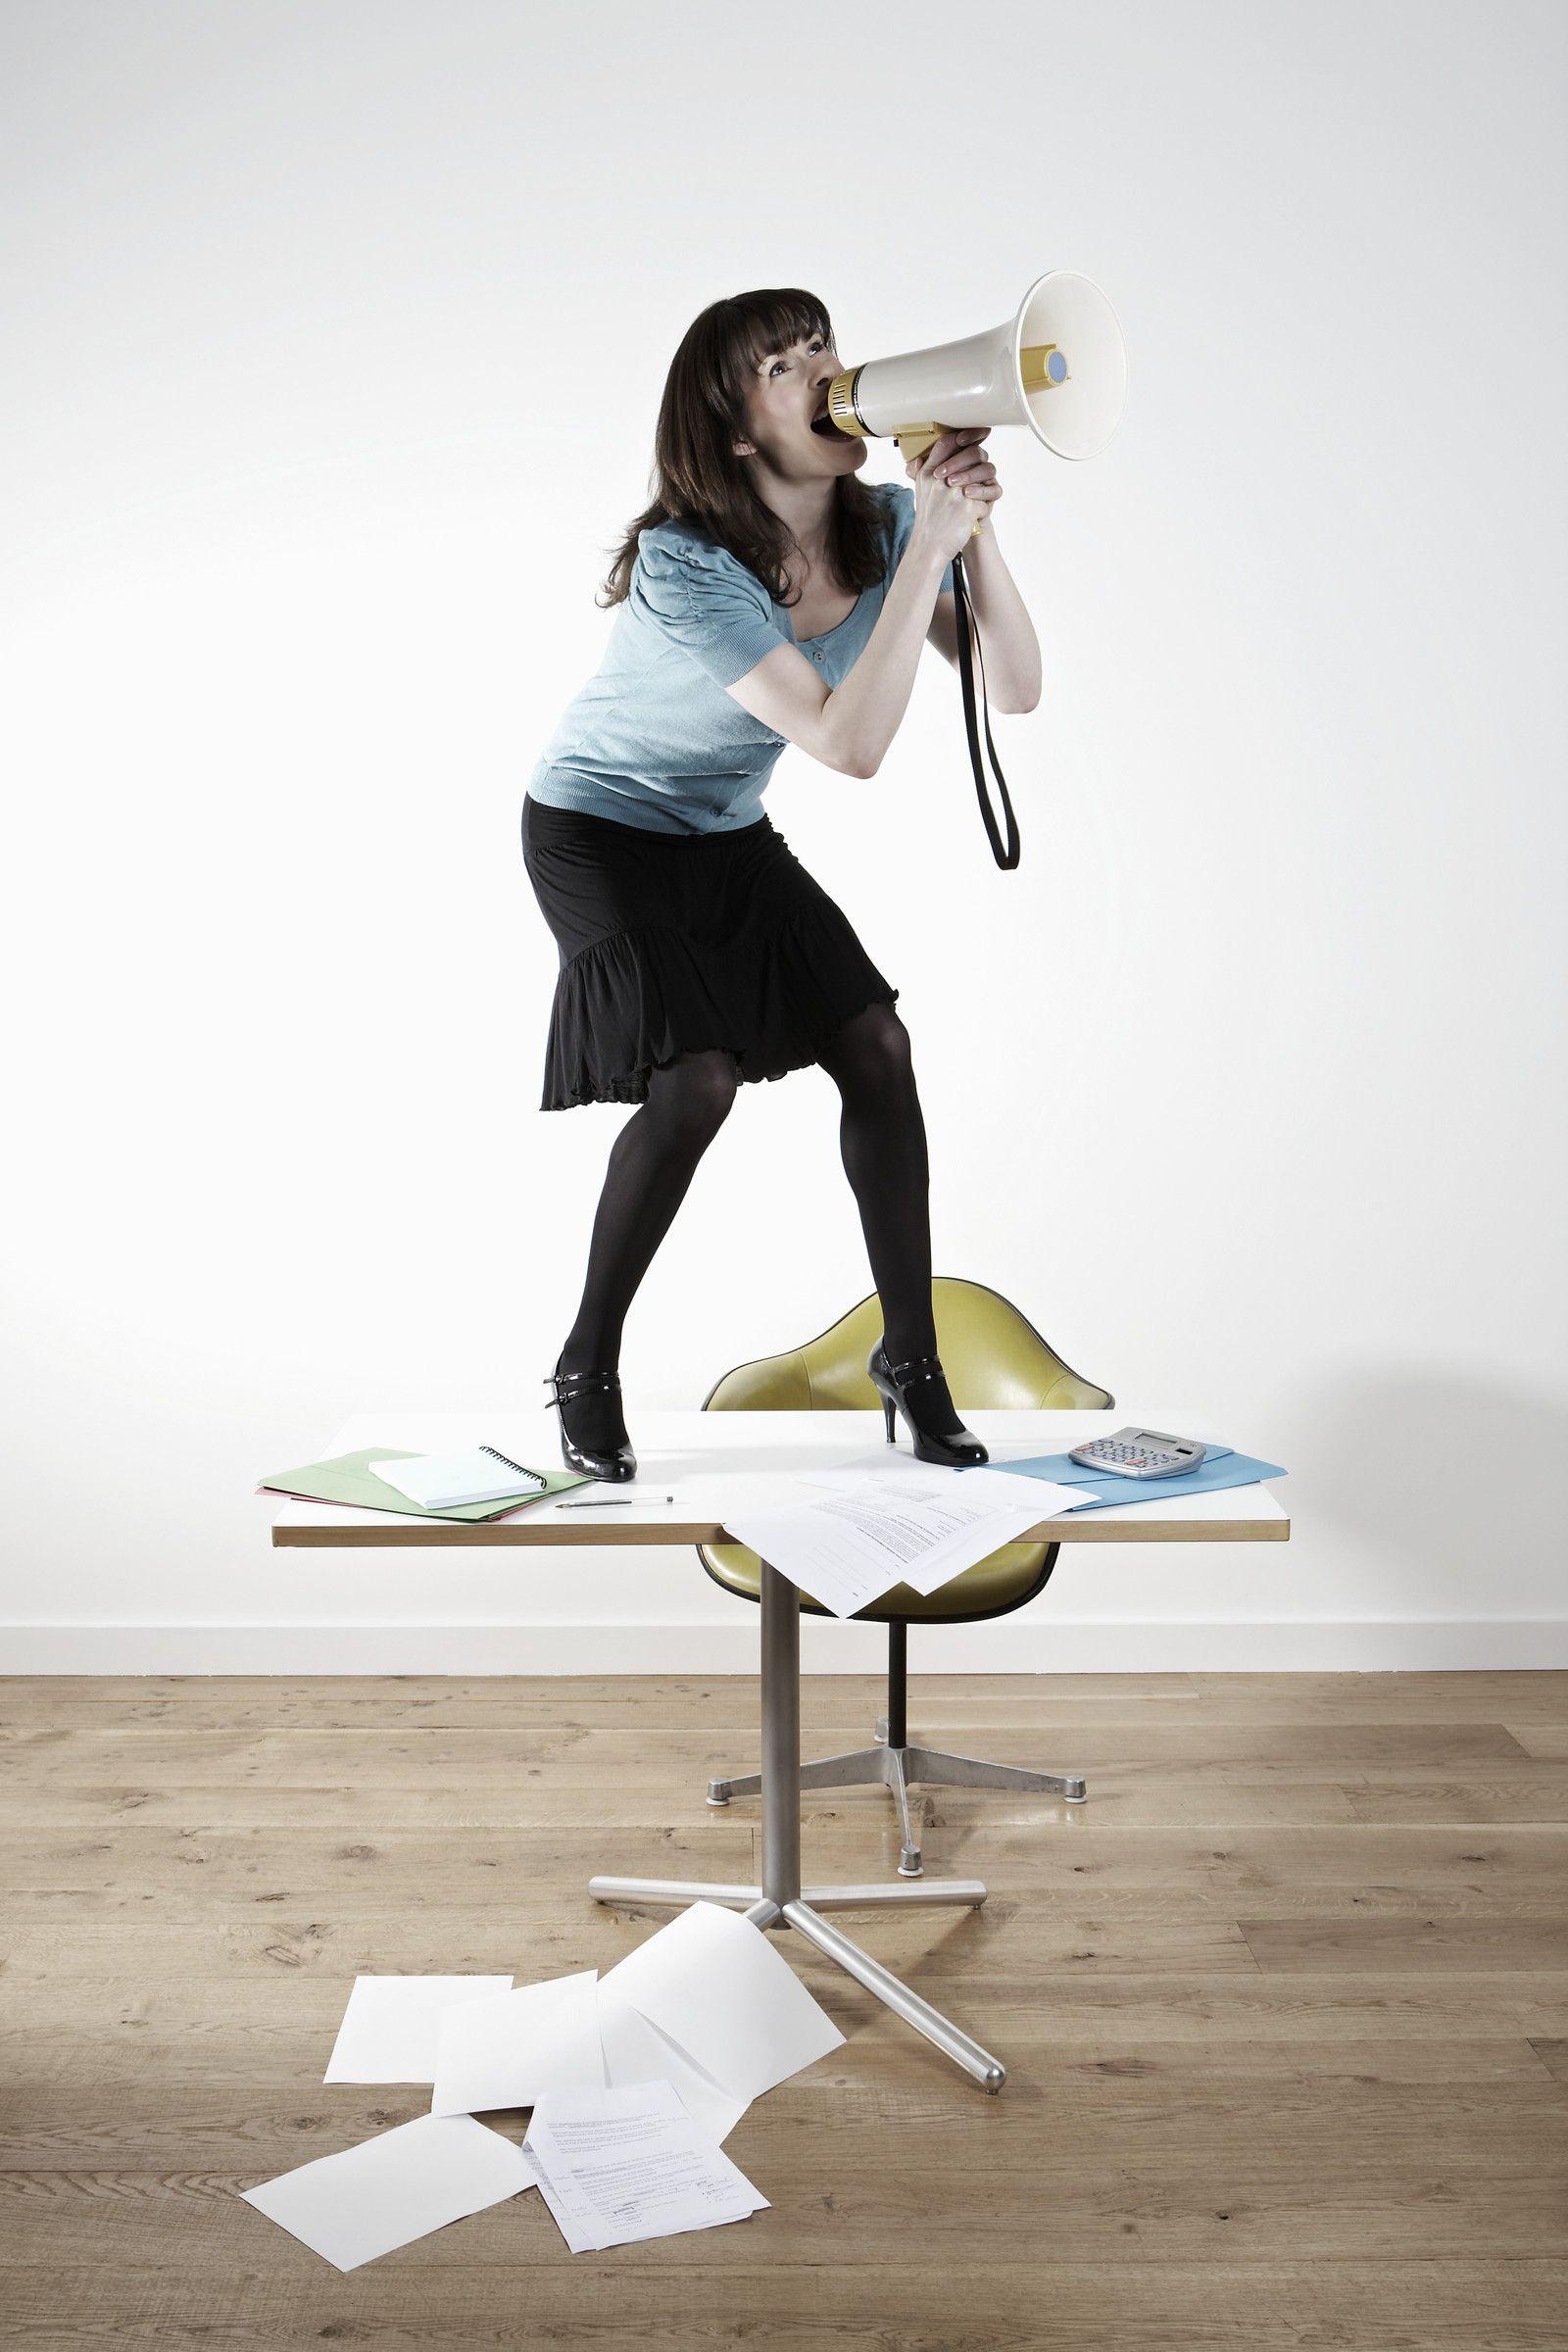 NICHT MEHR VERWENDEN! - Managerin / Businessfrau / Megafon